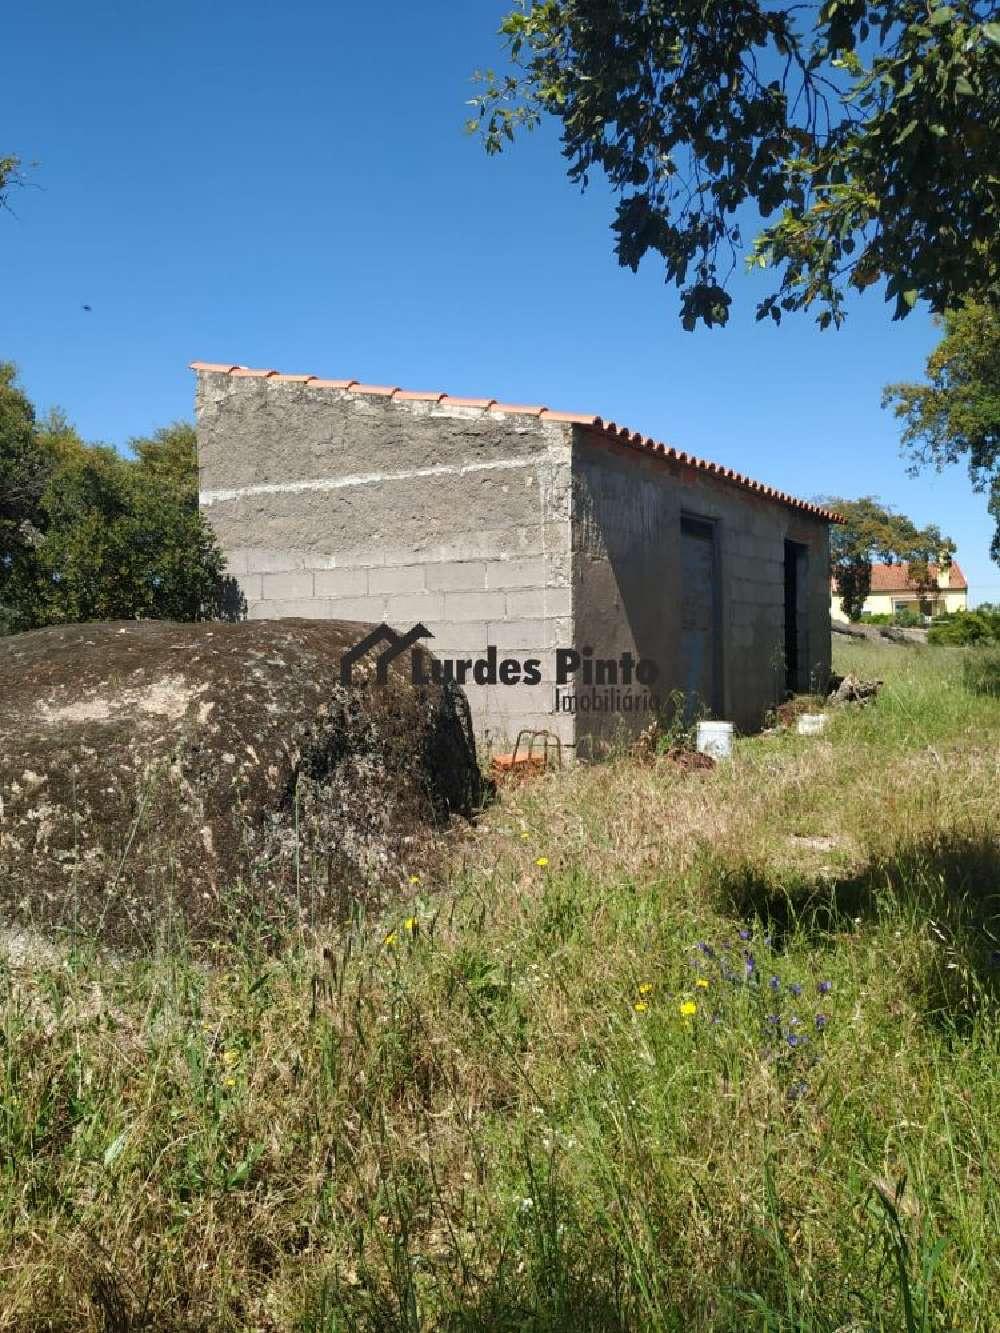 Fundão Fundão hus photo 194752